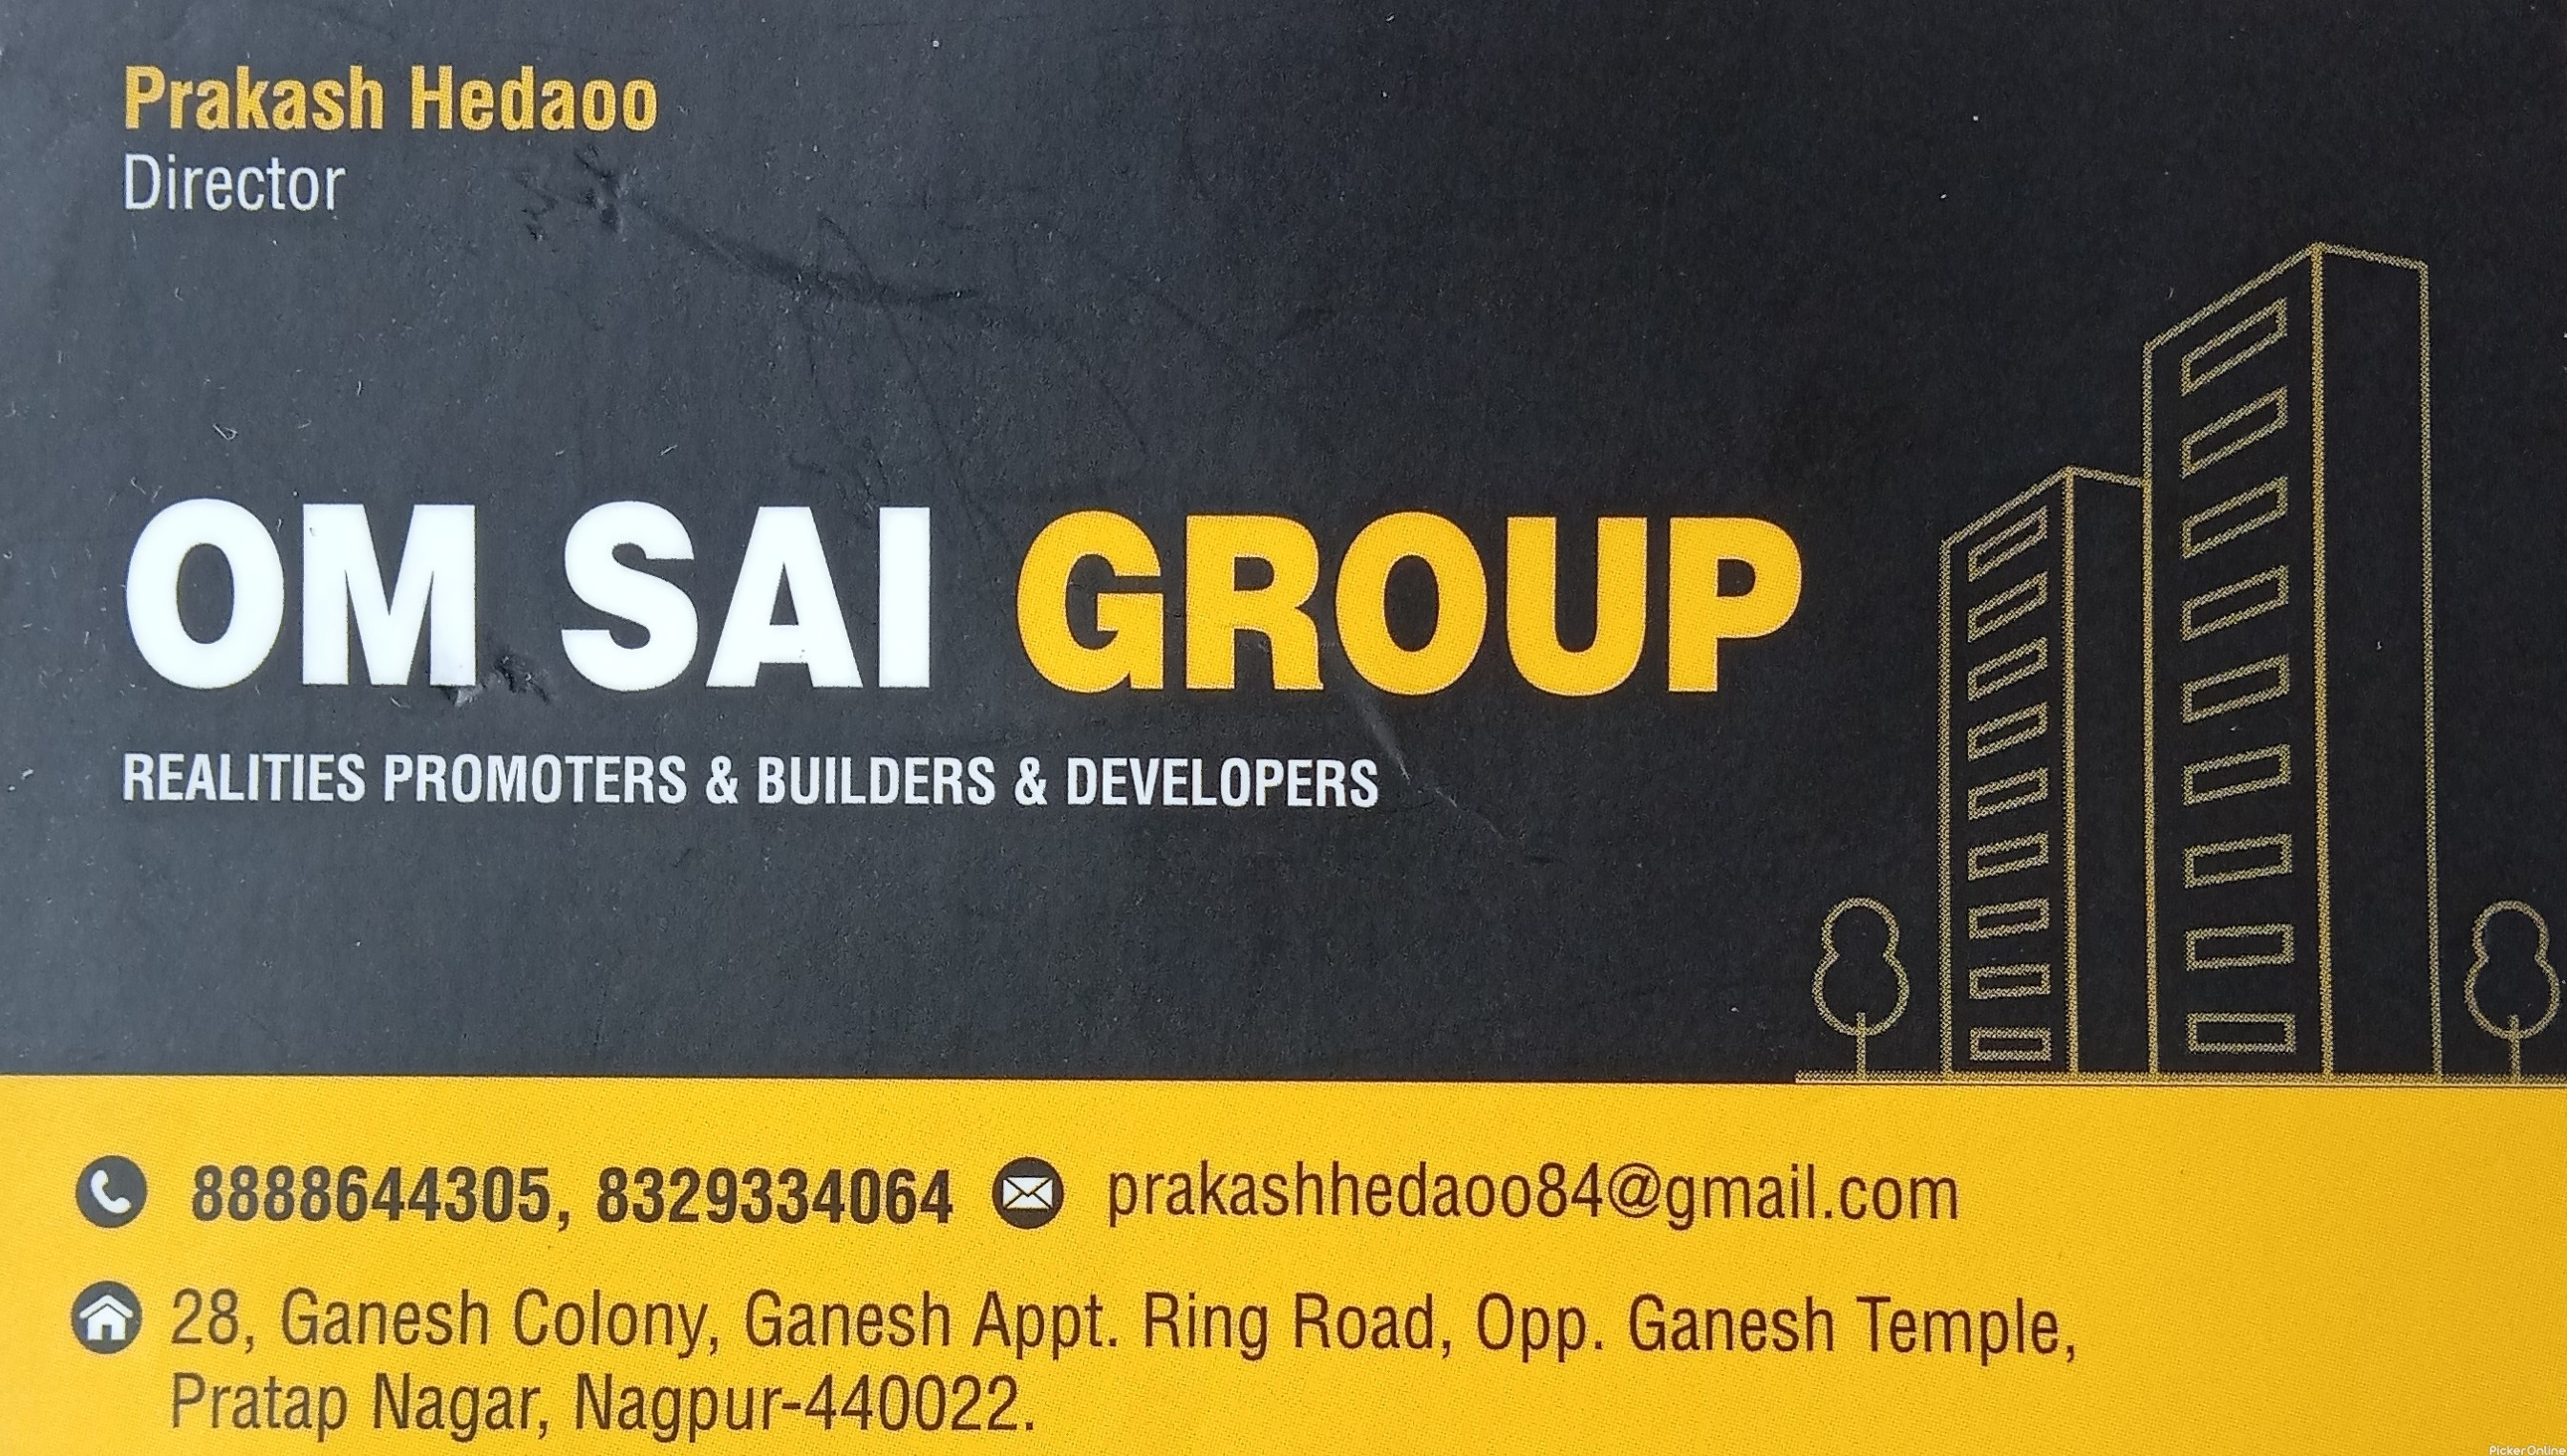 Om Sai Group in Ranapratap Nagar, Nagpur | Pickeronline